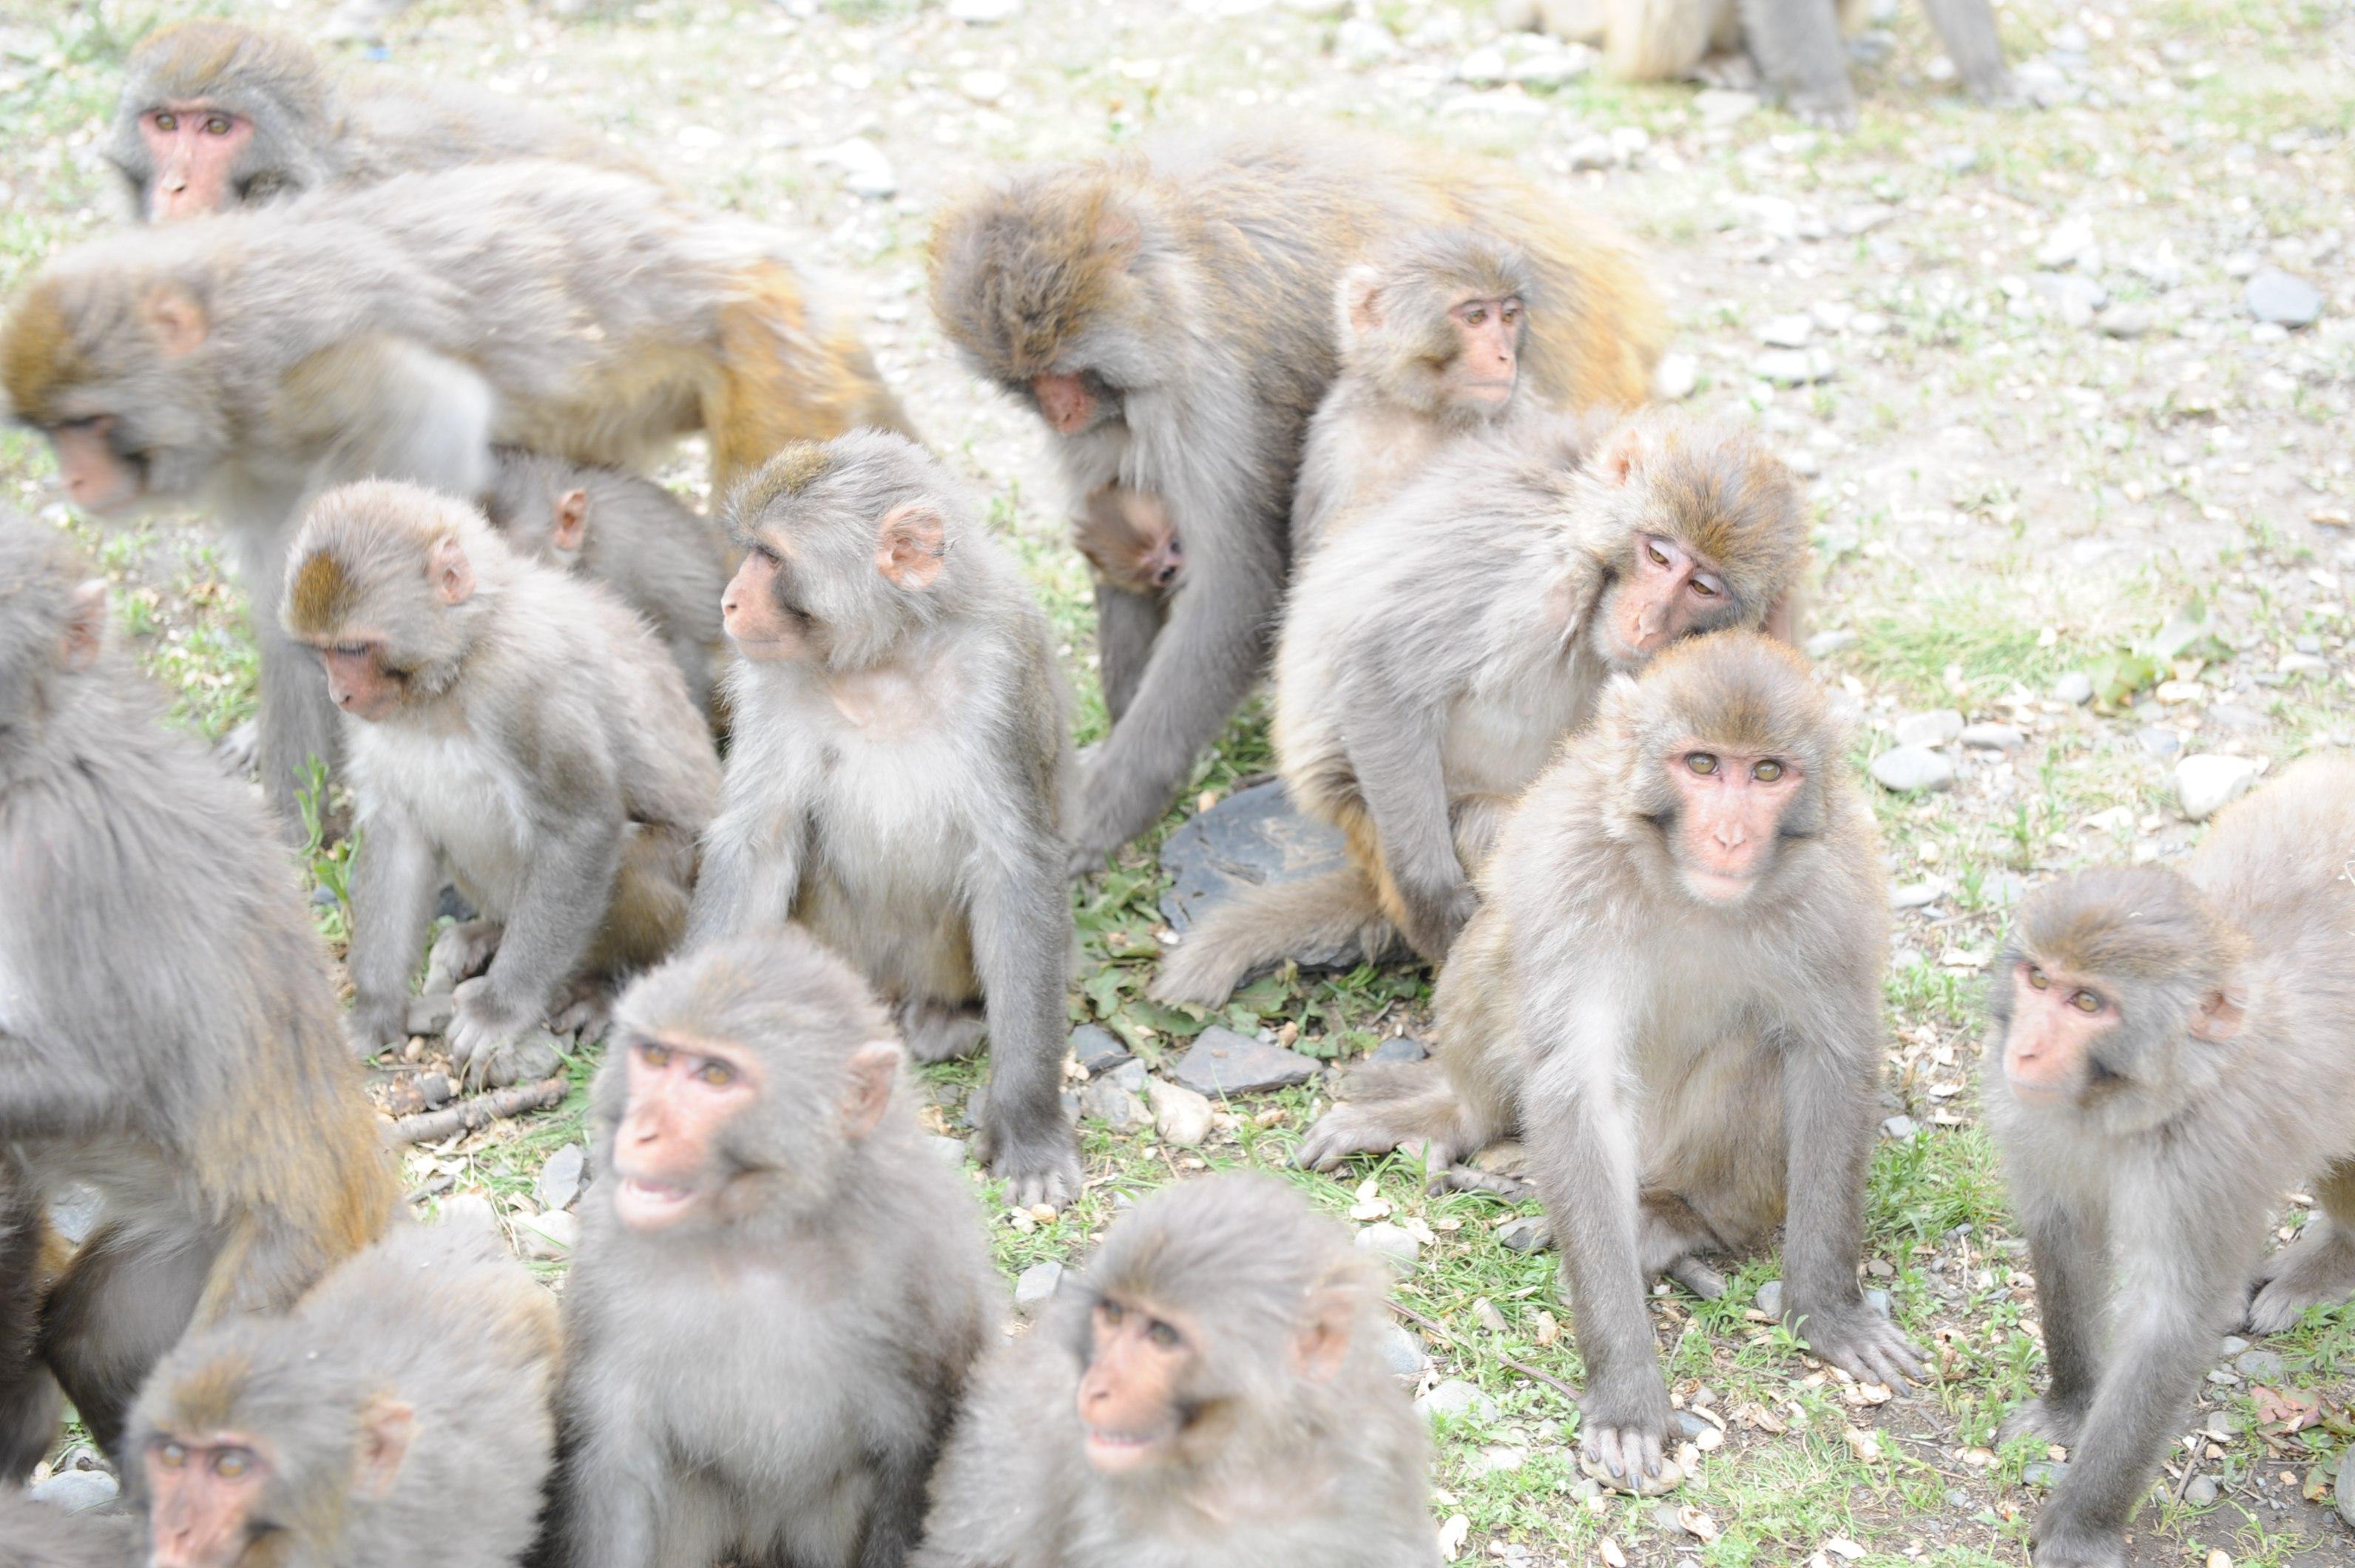 猴子很温顺 很可爱